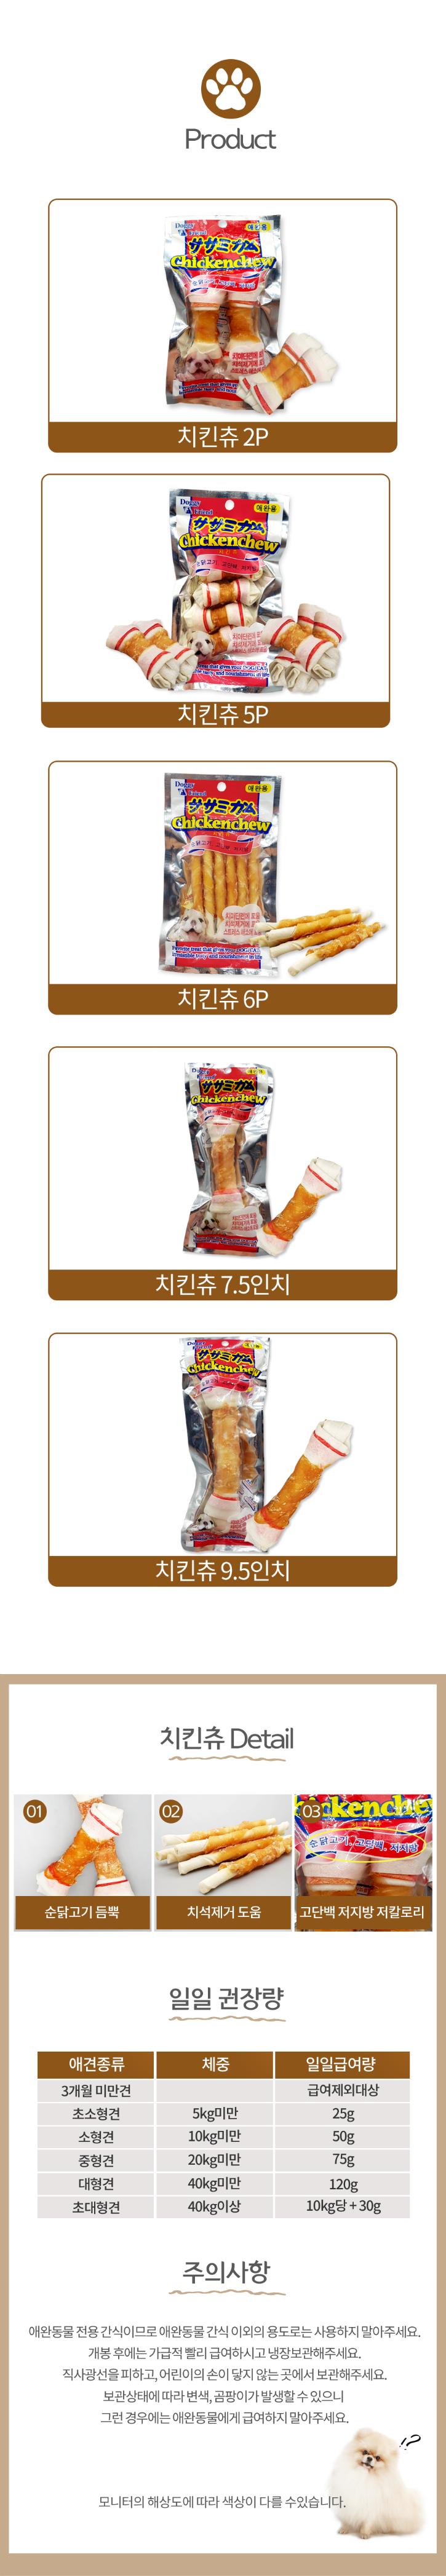 치킨츄_상세페이지_최종_2.png